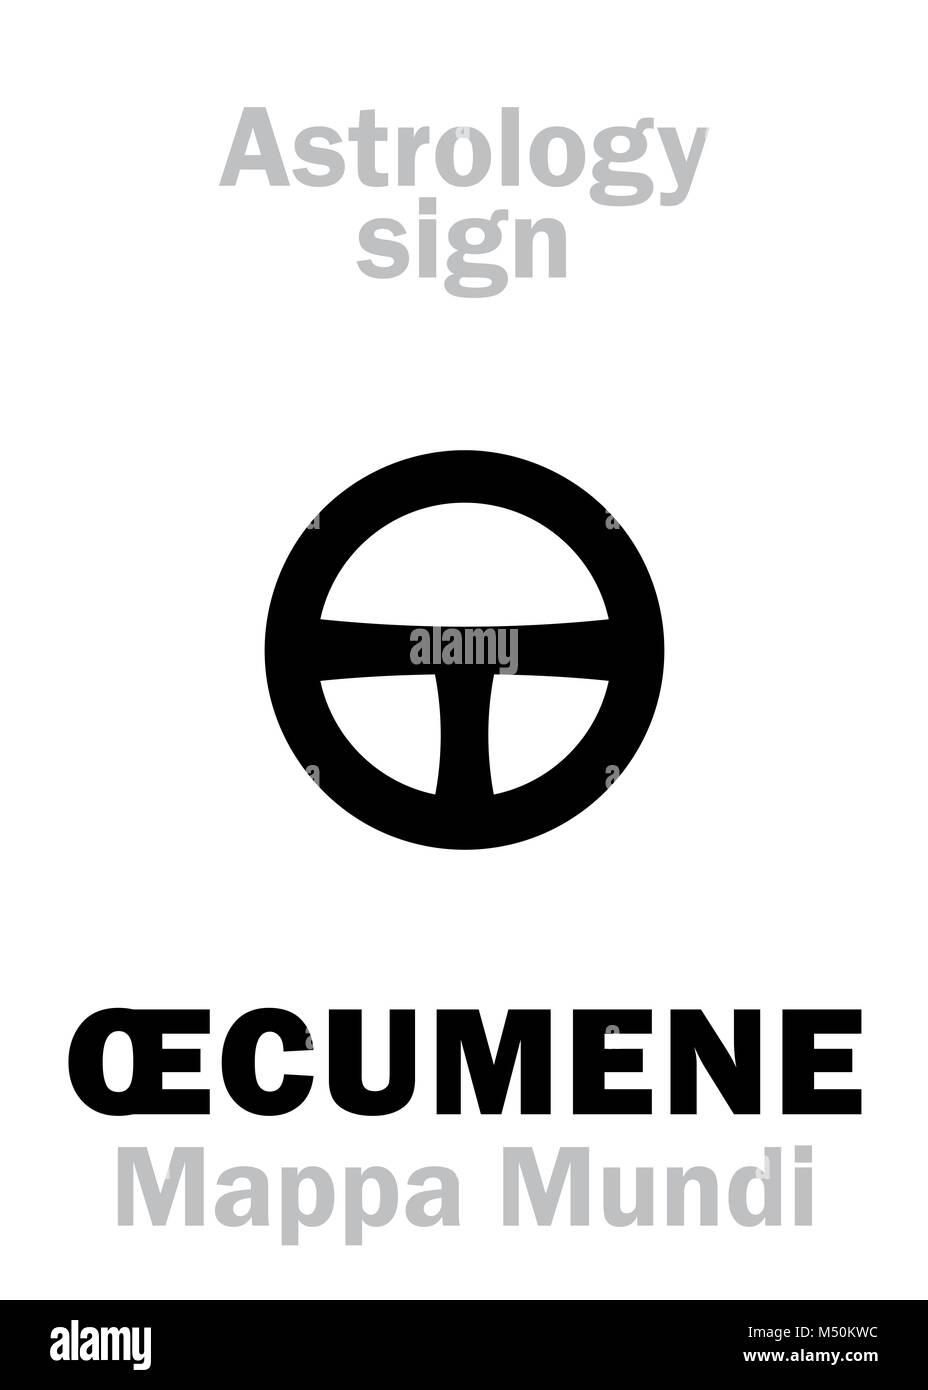 Astrology: ŒCUMENE (Mappa Mundi) Stock Photo